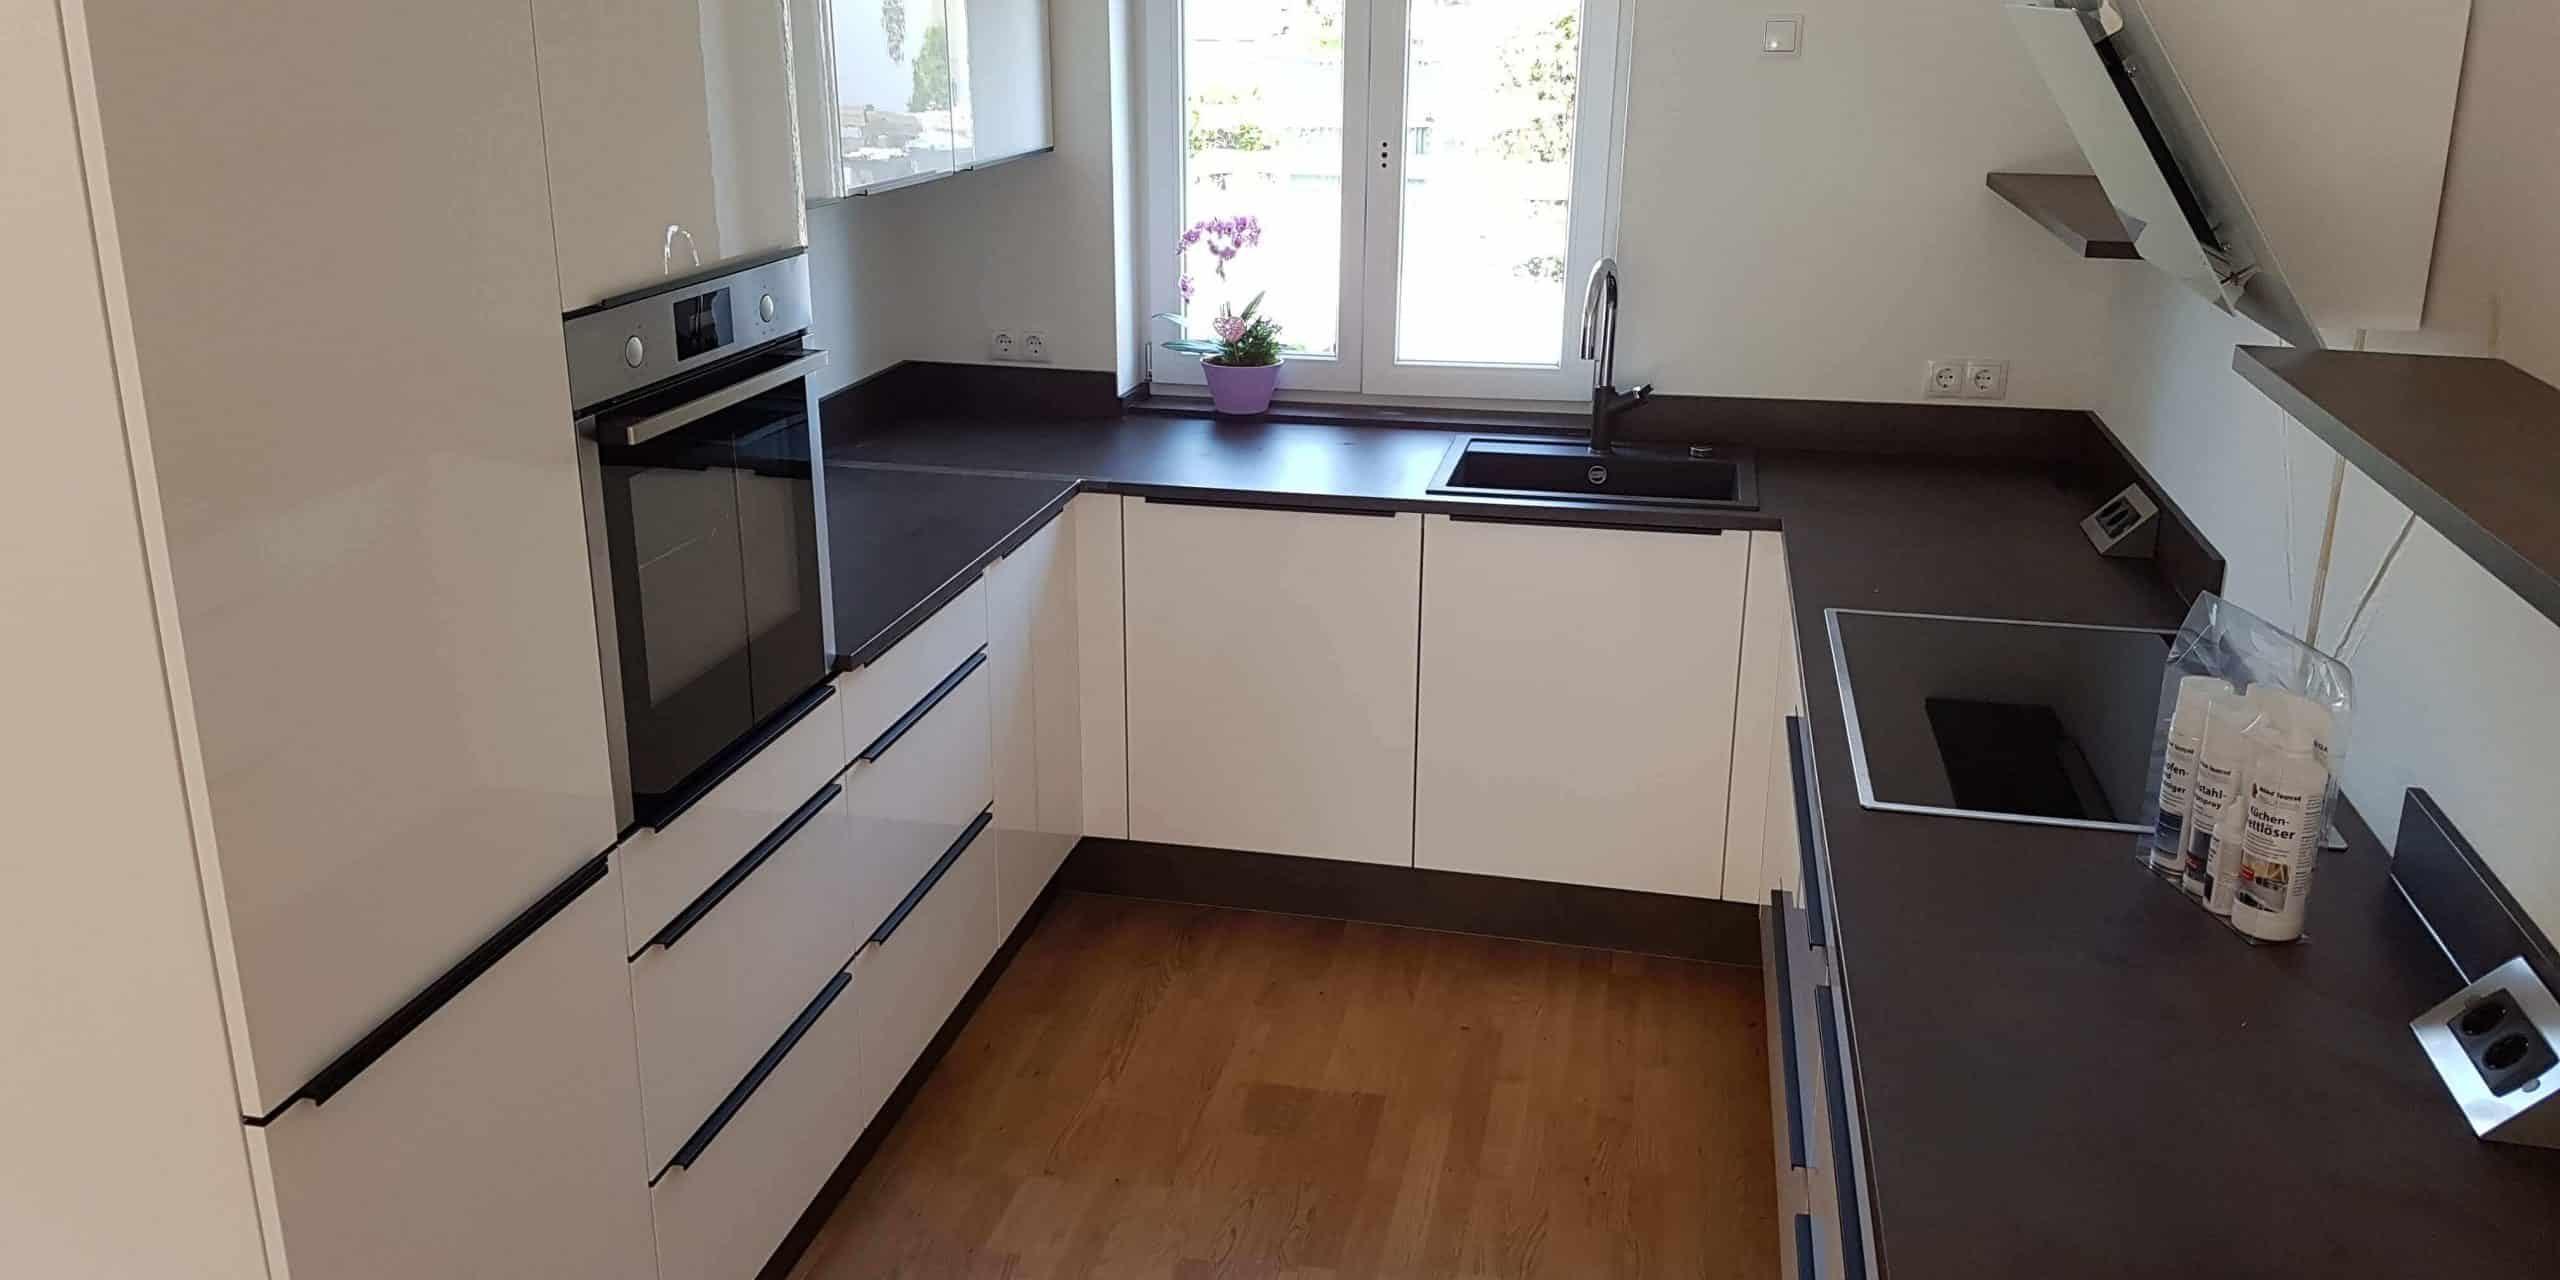 Full Size of Nolte Kchen Modell Luhochglanz Wei Mbel Spanrad Küchen Regal Wohnzimmer Küchen